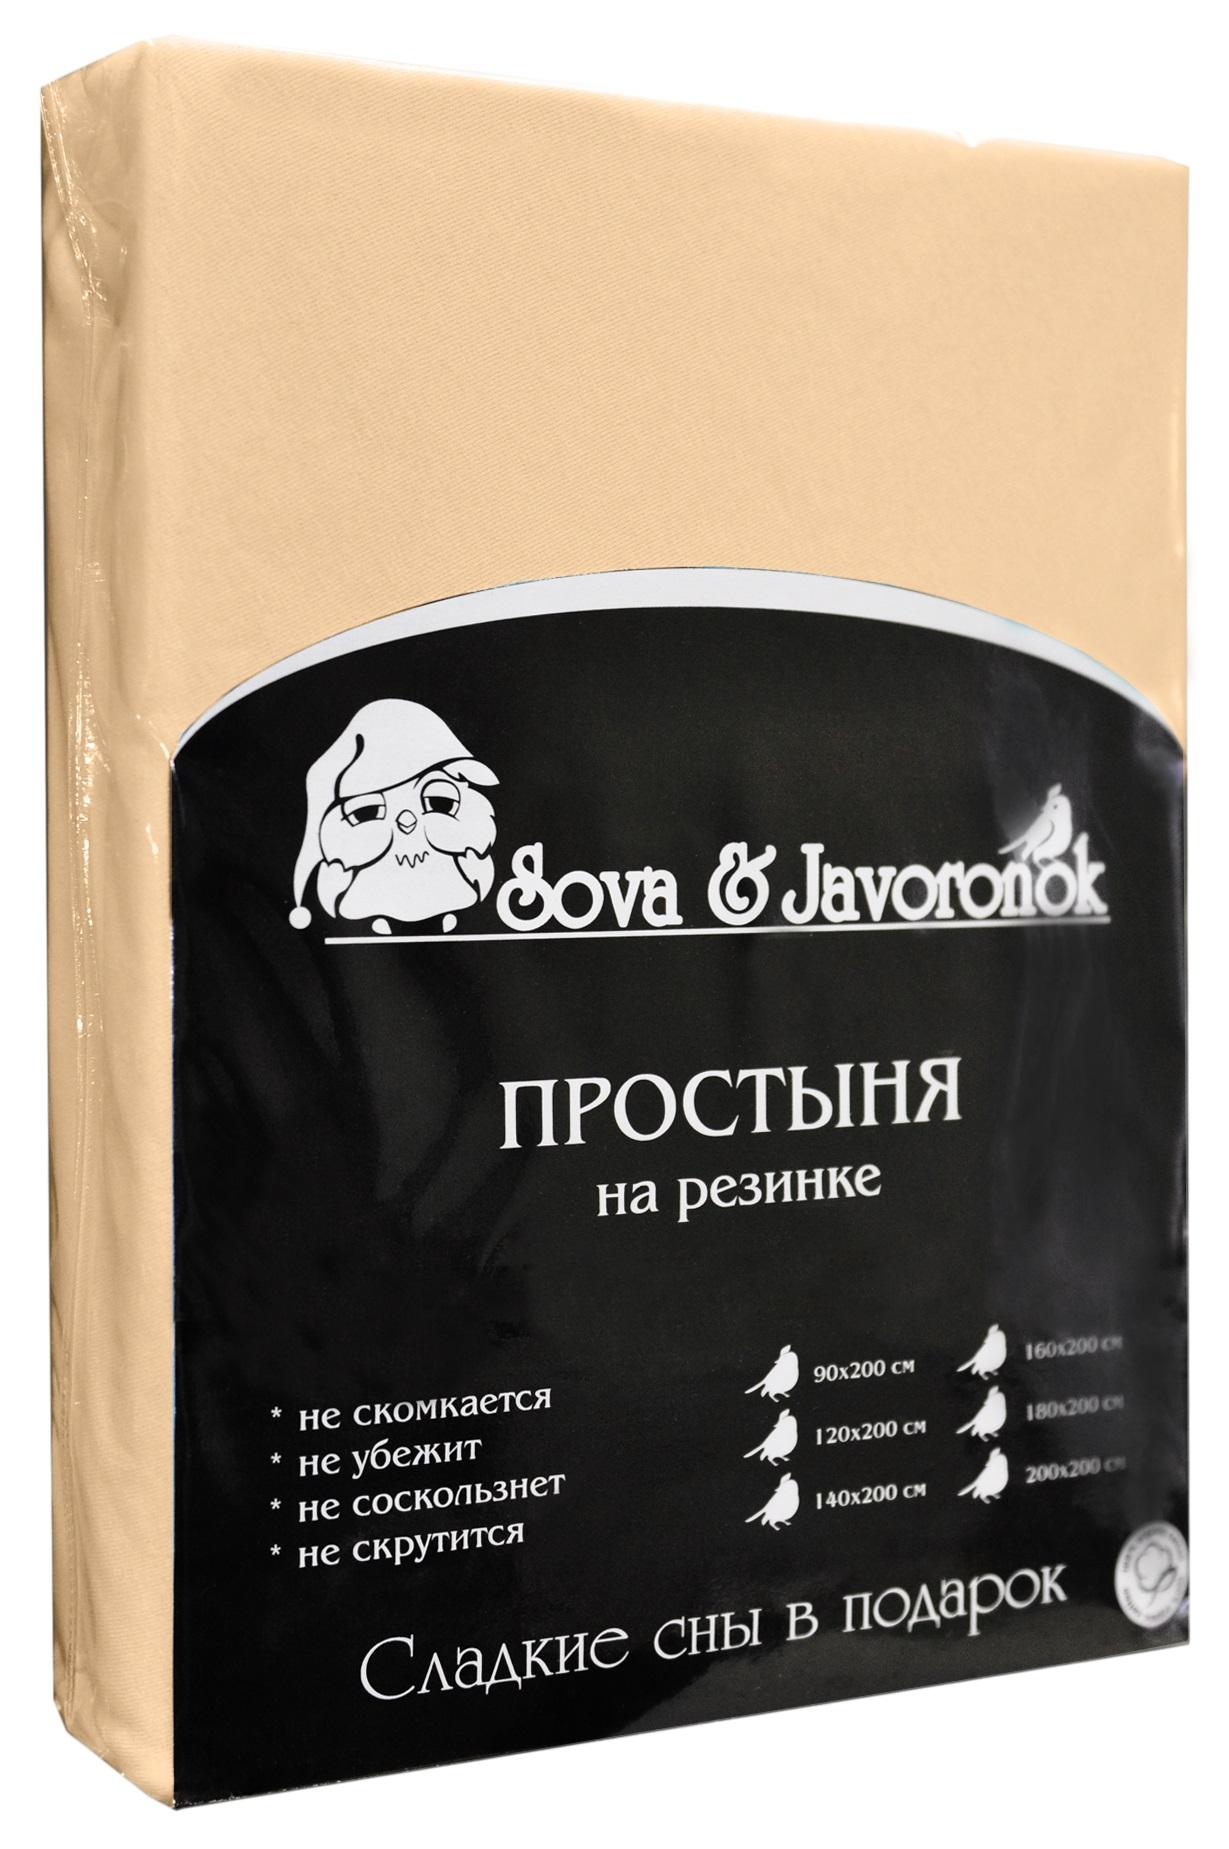 Простыня на резинке Sova & Javoronok, цвет: светло-бежевый, 90 х 200 см0803113689Простыня на резинке Sova & Javoronok, изготовленная из трикотажной ткани (100% хлопок), будет превосходно смотреться с любыми комплектами белья. Хлопчатобумажный трикотаж по праву считается одним из самых качественных, прочных и при этом приятных на ощупь. Его гигиеничность позволяет использовать простыню и в детских комнатах, к тому же 100%-ый хлопок в составе ткани не вызовет аллергии. У трикотажного полотна очень интересная структура, немного рыхлая за счет отсутствия плотного переплетения нитей и наличия особых петель, благодаря этому простыня Сова и Жаворонок отлично пропускает воздух и способствует его постоянной циркуляции. Поэтому ваша постель будет всегда оставаться свежей. Но главное и, пожалуй, самое известное свойство трикотажа - это его великолепная растяжимость, поэтому эта ткань и была выбрана для натяжной простыни на резинке.Простыня прошита резинкой по всему периметру, что обеспечивает более комфортный отдых, так как она прочно удерживается на матрасе и избавляет от необходимости часто поправлять простыню.